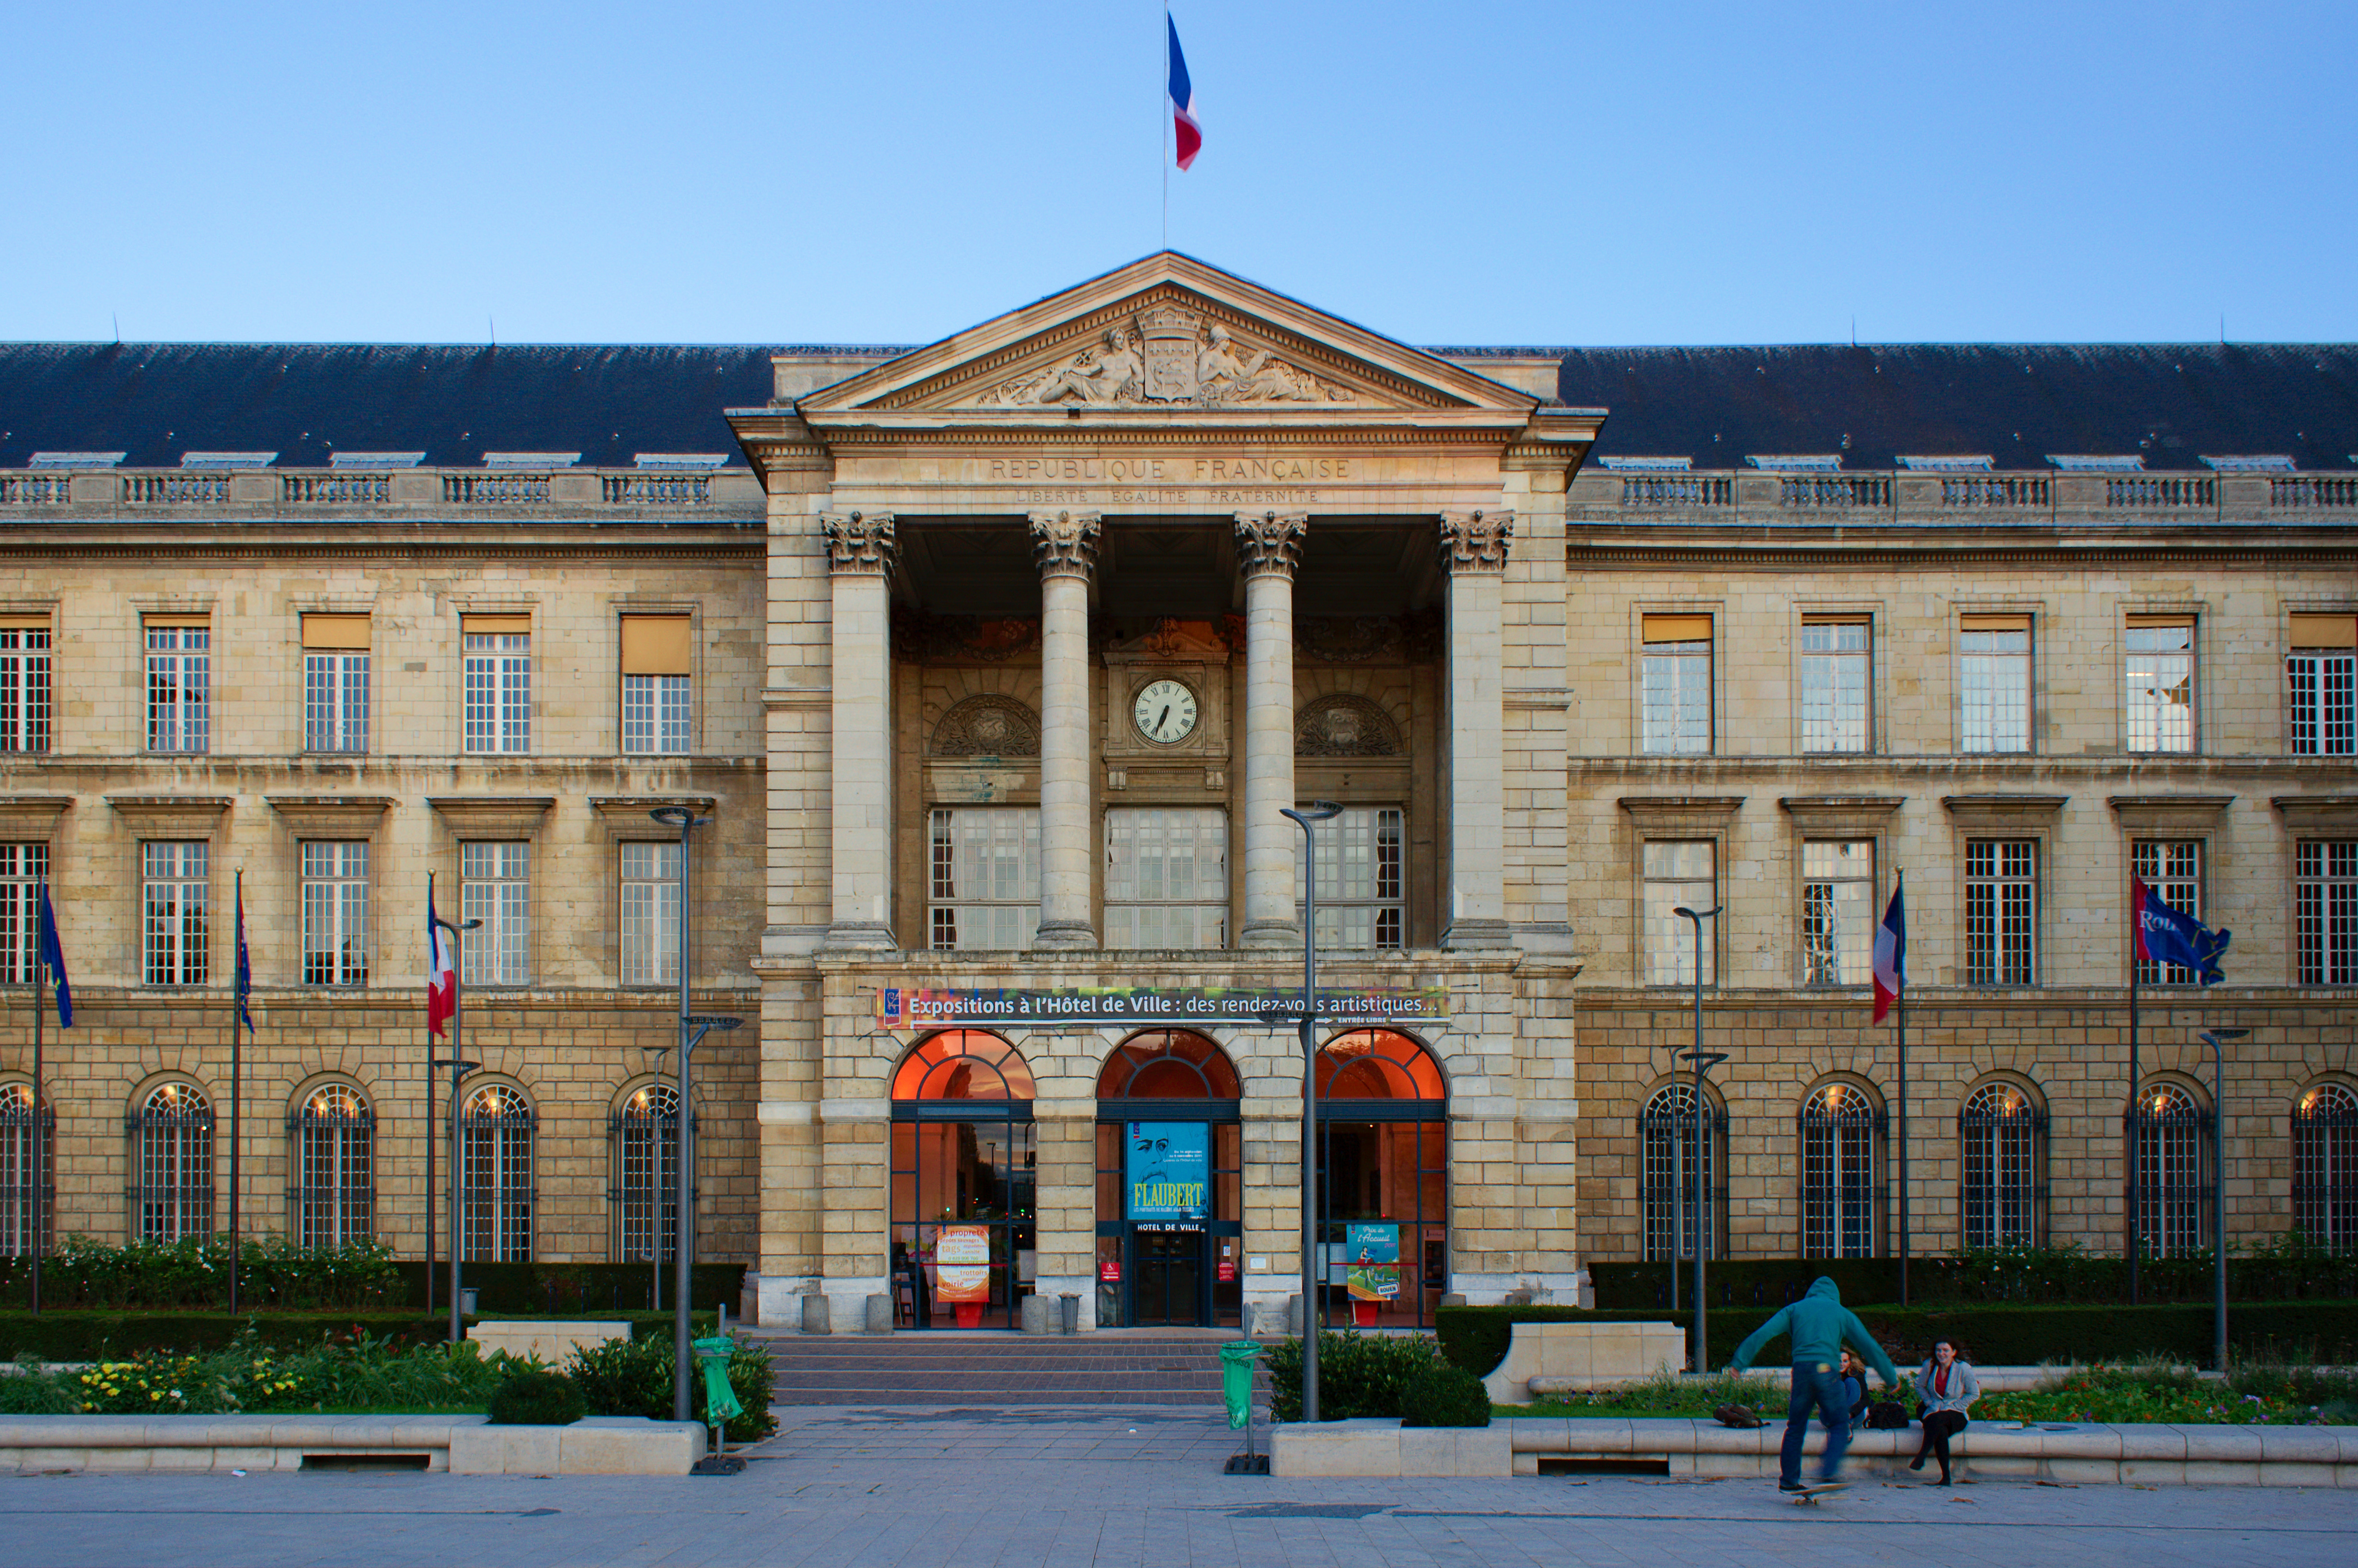 Hotel De Ville Rouen